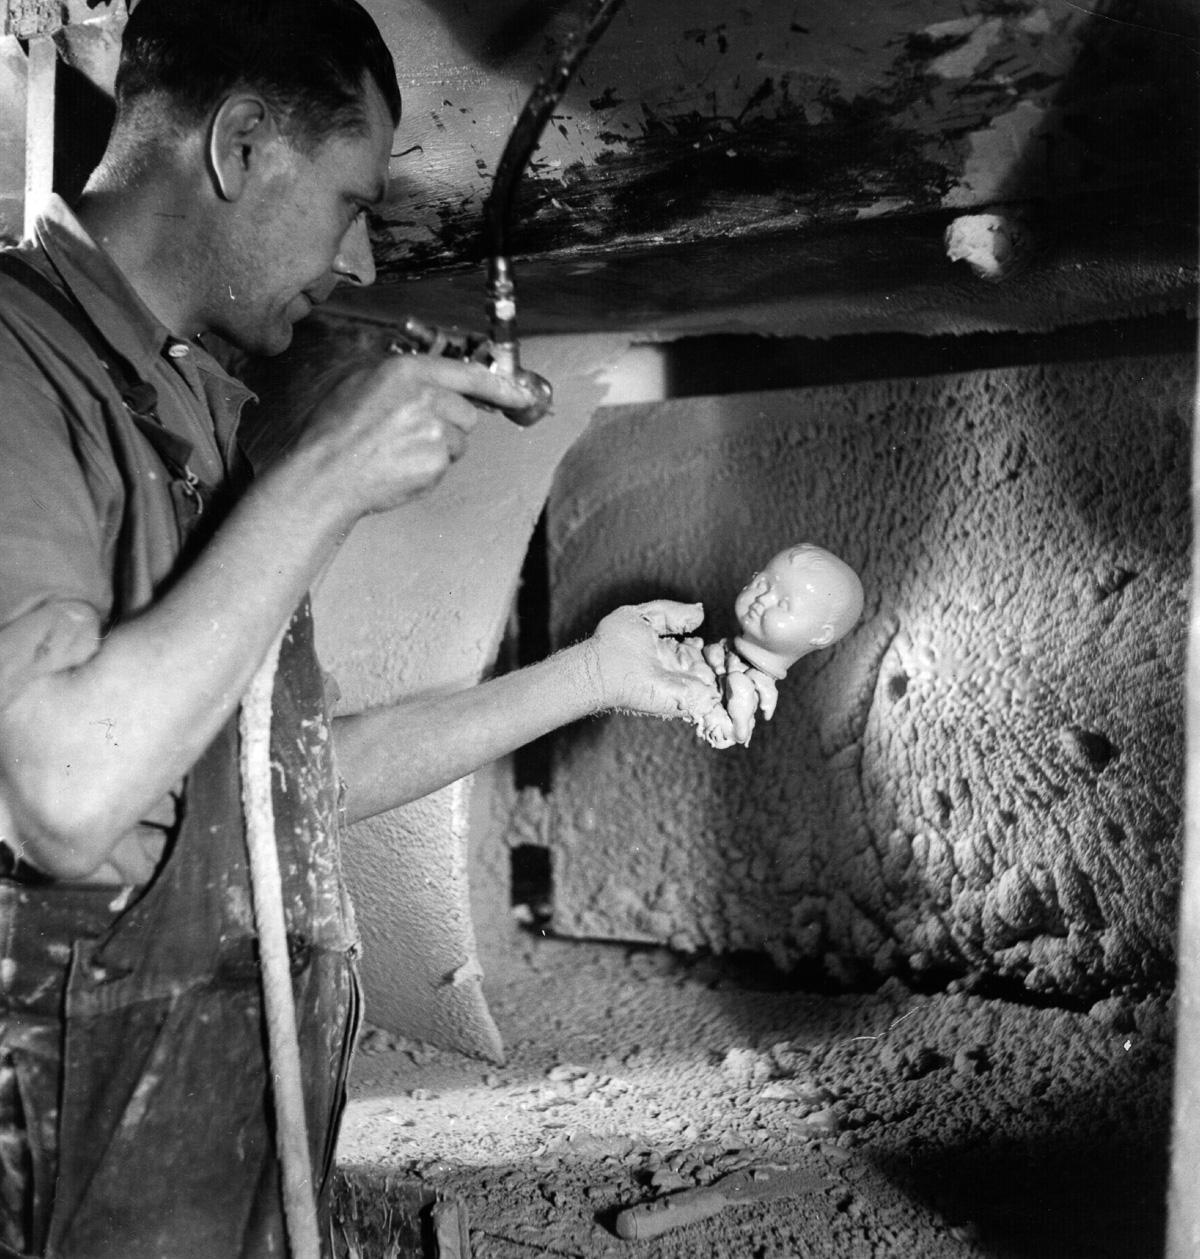 Устрашающие фотографии кукольной фабрики из прошлого